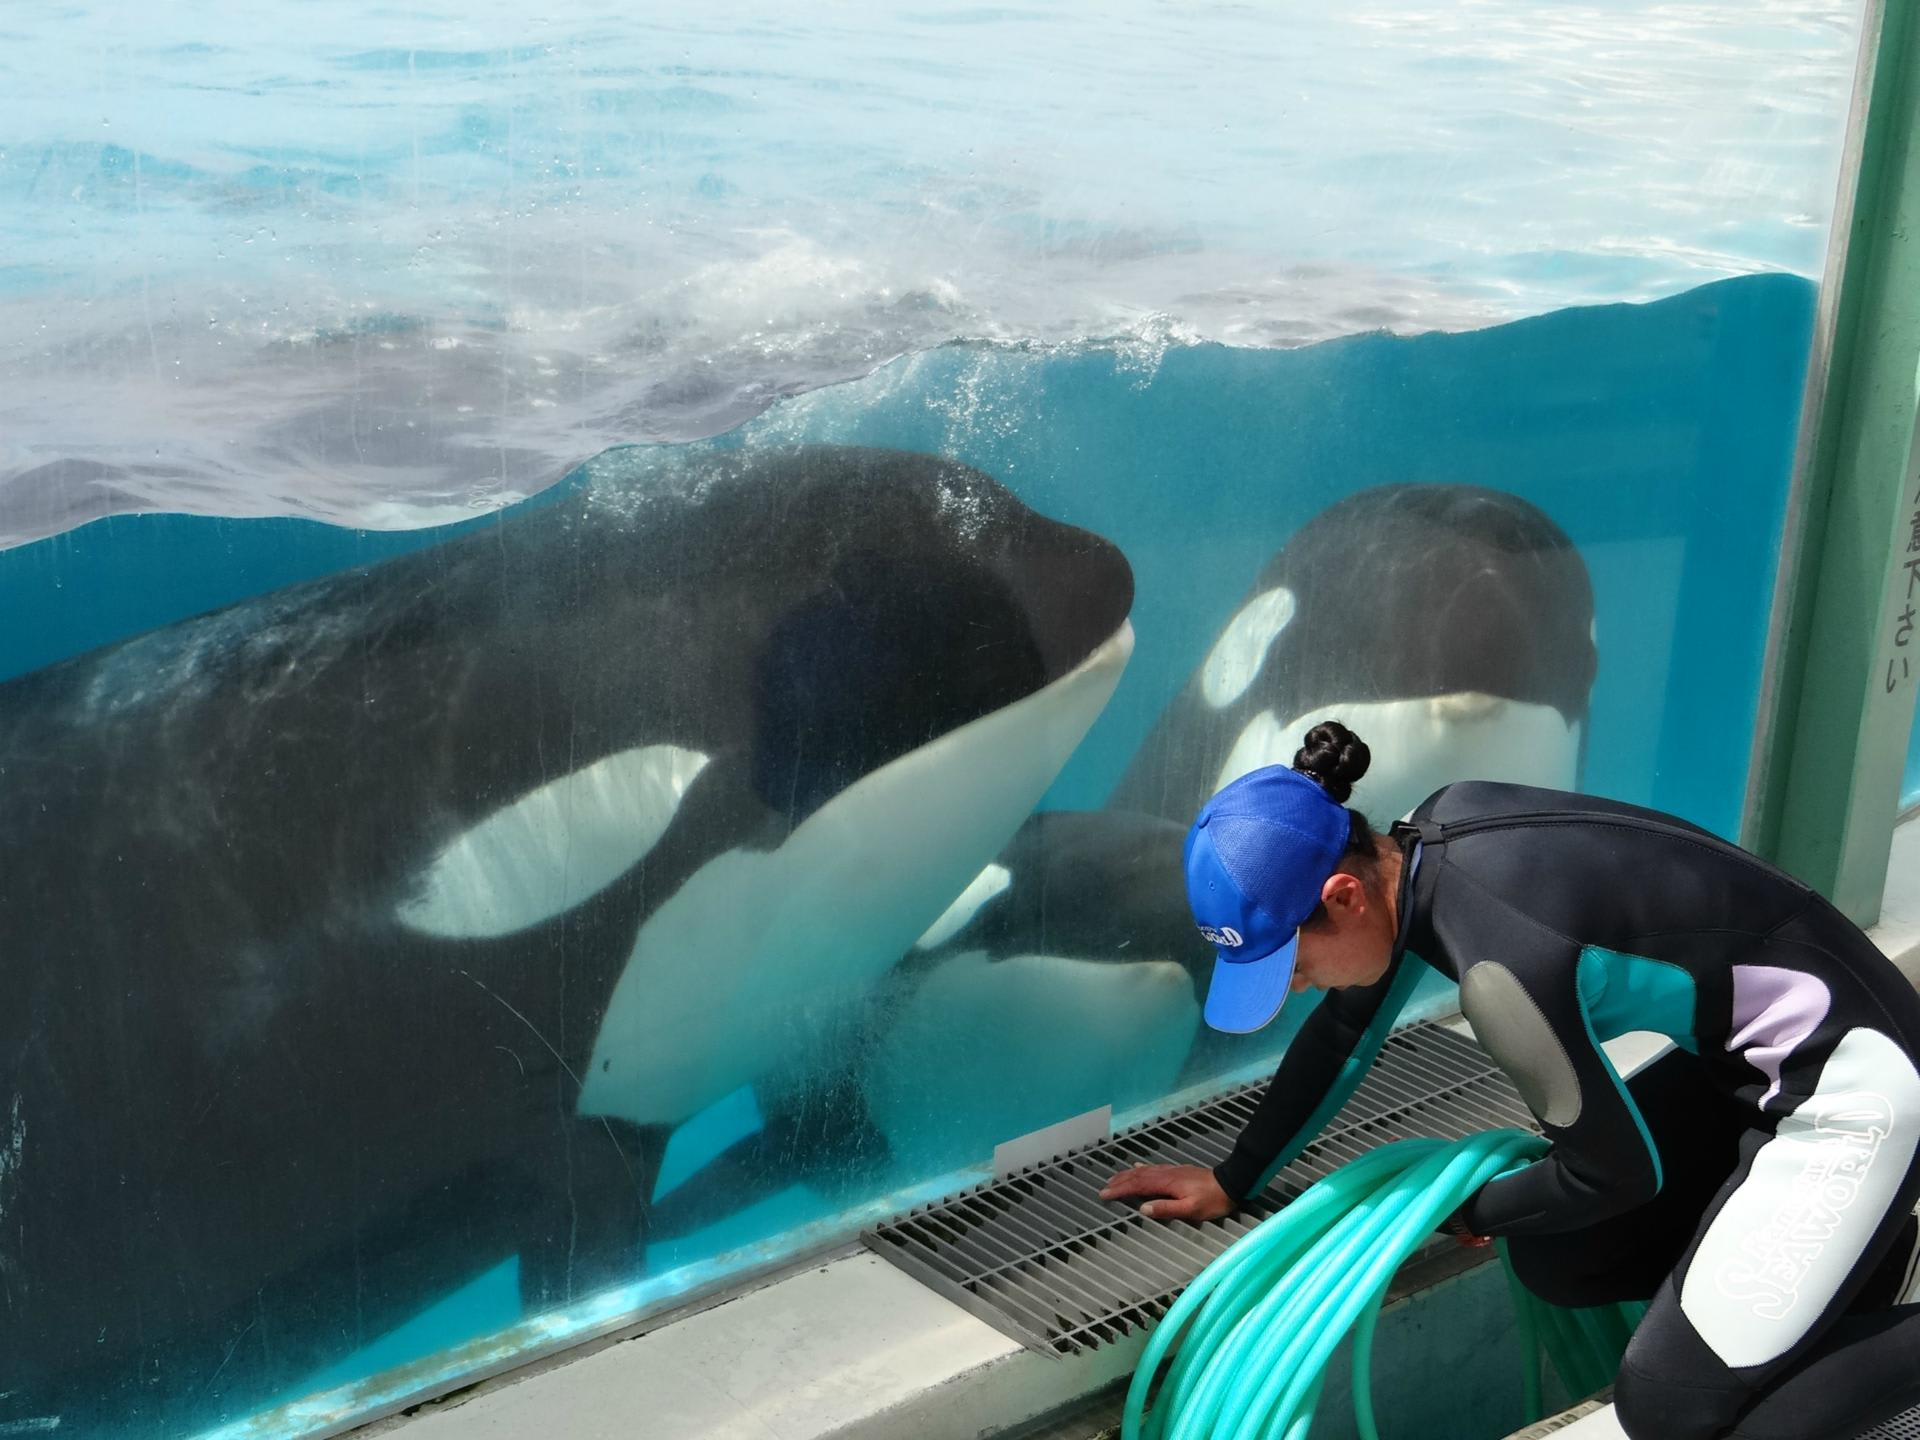 みんなトレーナーさん大好きなんだね(笑)よく「水族館にいるイルカは無理やりショーをやってるんだ!」って人もいますが、どこの水族館にいっても、イルカから